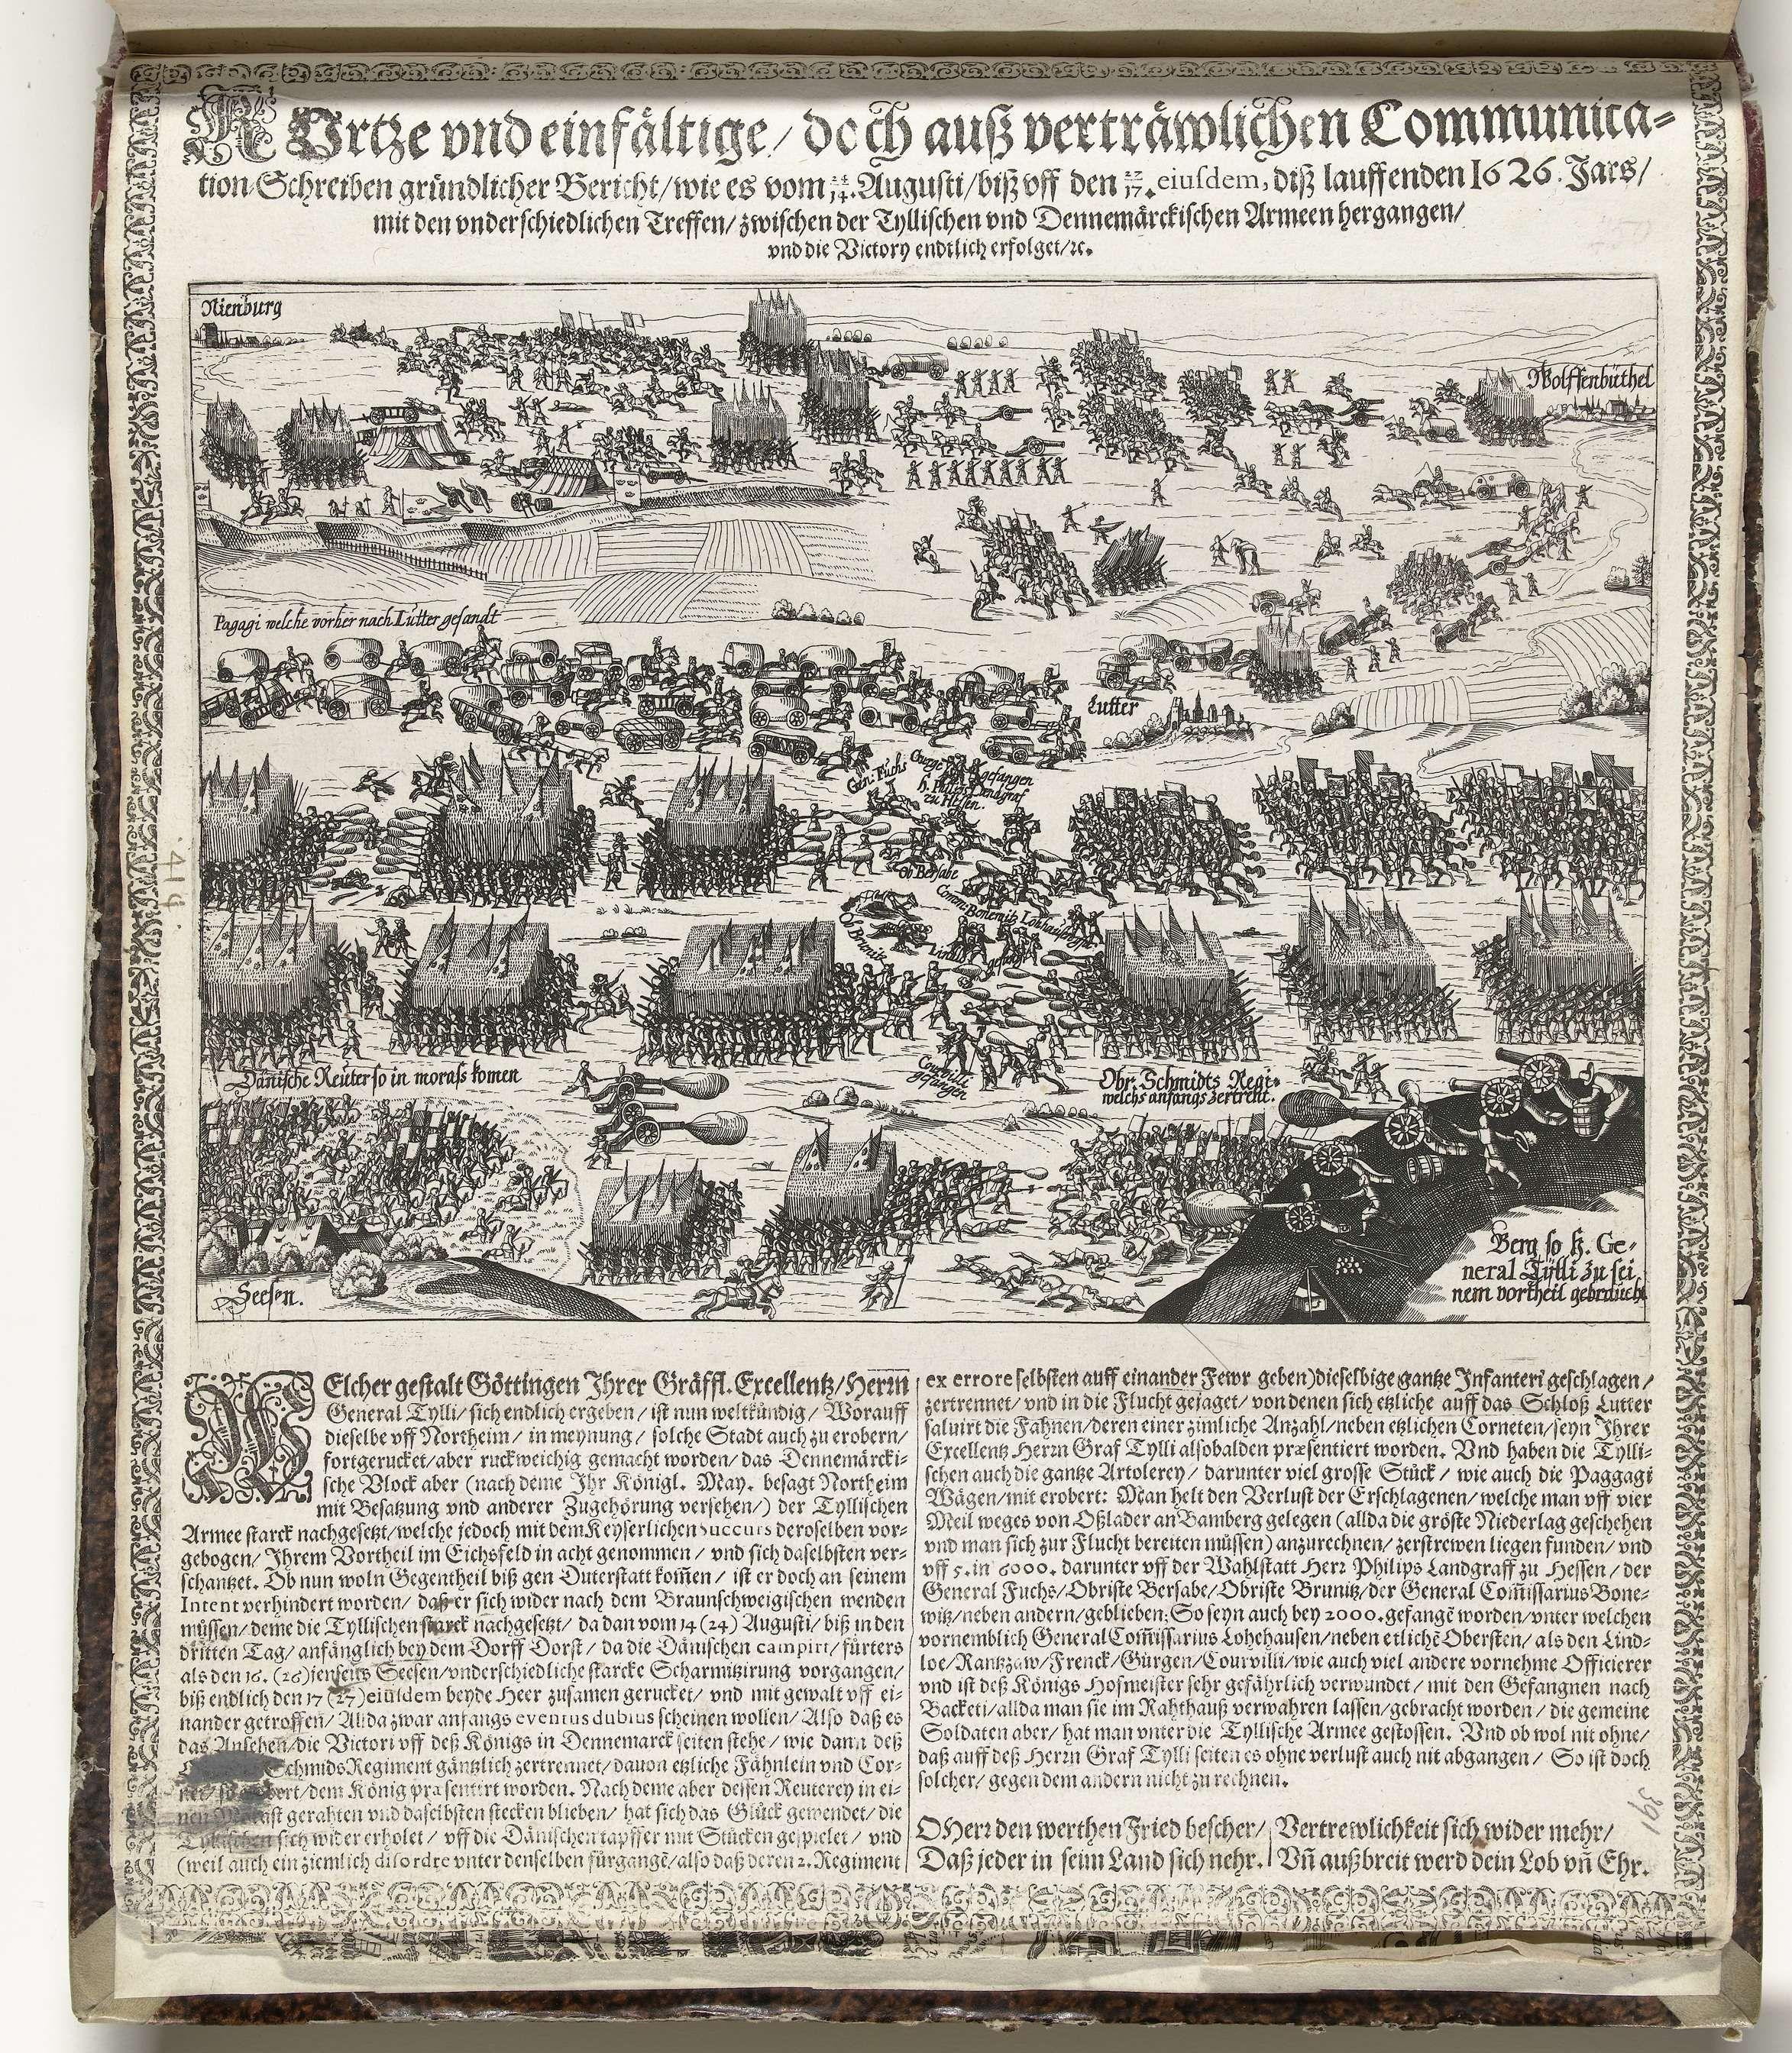 anoniem   Slag tussen keizerlijke troepen van Tilly en Deense troepen bij Lutter, 1626, workshop of Frans Hogenberg, 1626   Slag tussen keizerlijke troepen van generaal Tilly en Deense troepen bij Lutter, 24-27 augustus 1626. Over de onderzijde van de voorstelling een onderschrift van twee kolommen in het Duits. Onderaan met pen genummerd: 414. De prent maakt deel uit van een album.